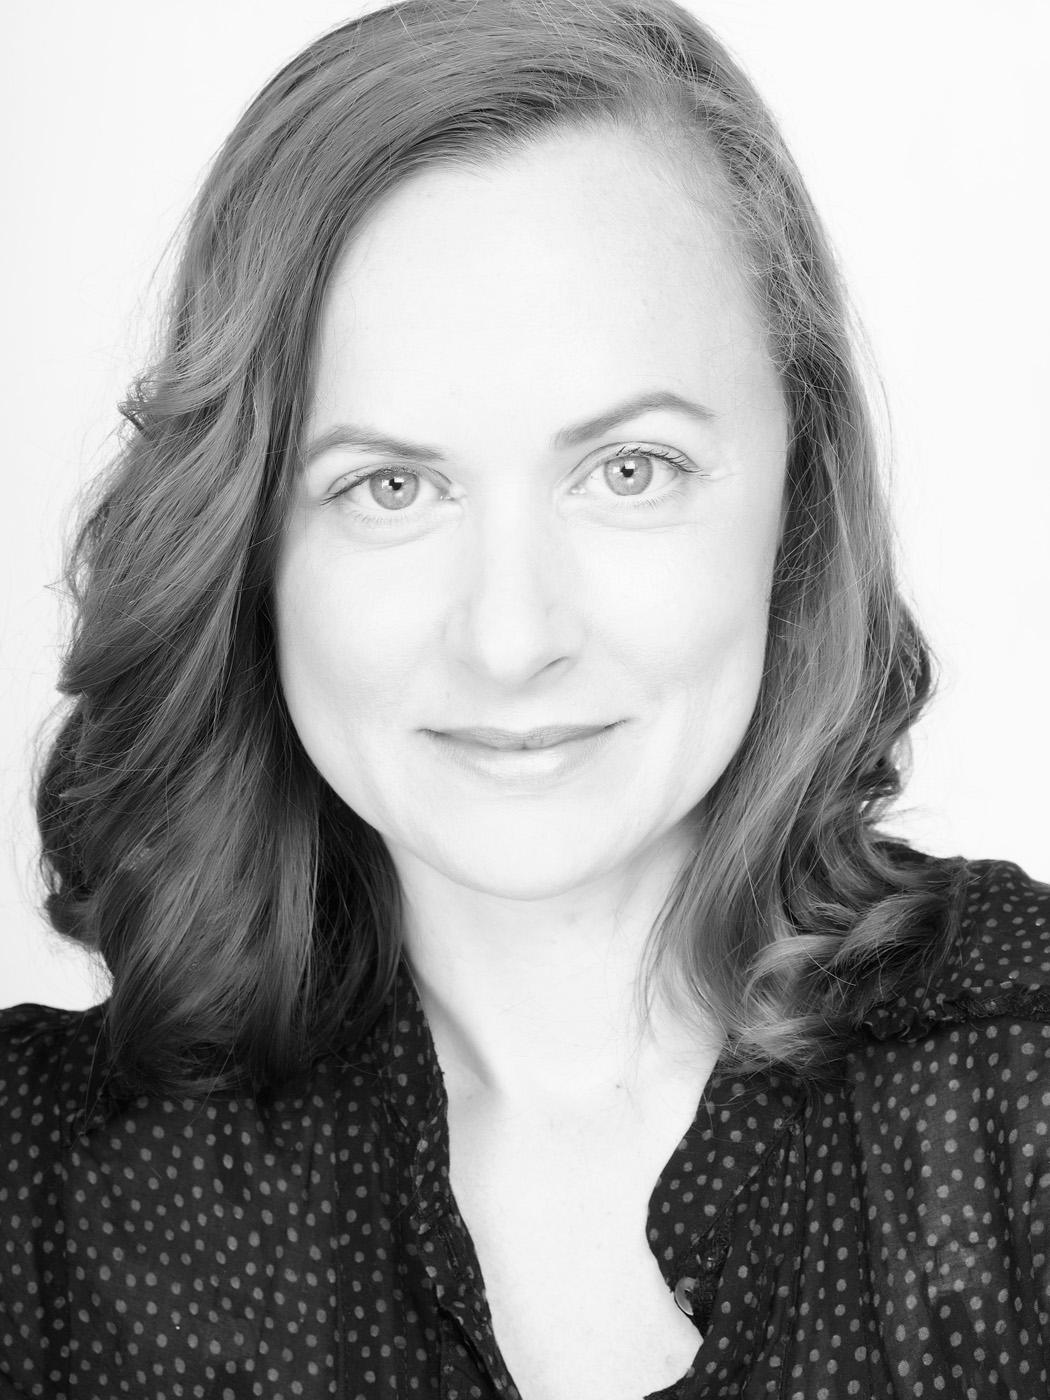 Reneé Davis, Mummy Tries